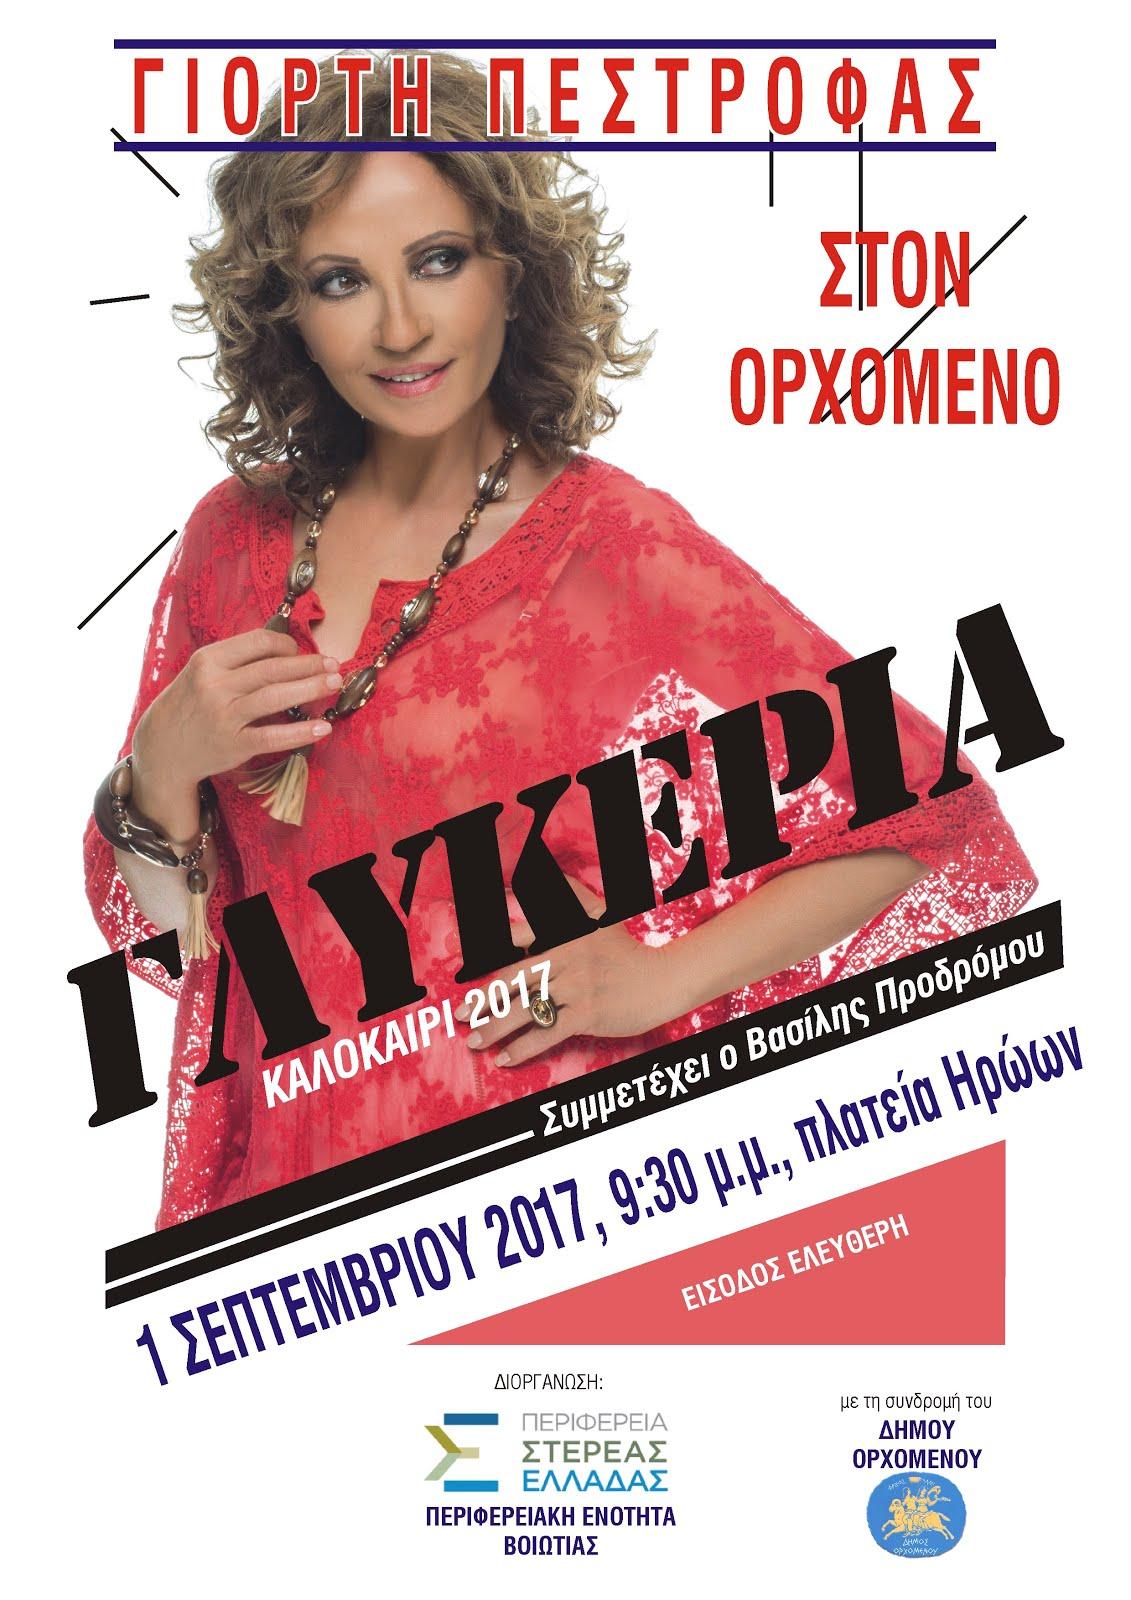 Γιορτή της Πέστροφας ξανά στον Ορχομενό με τη μοναδική φωνή της Γλυκερίας